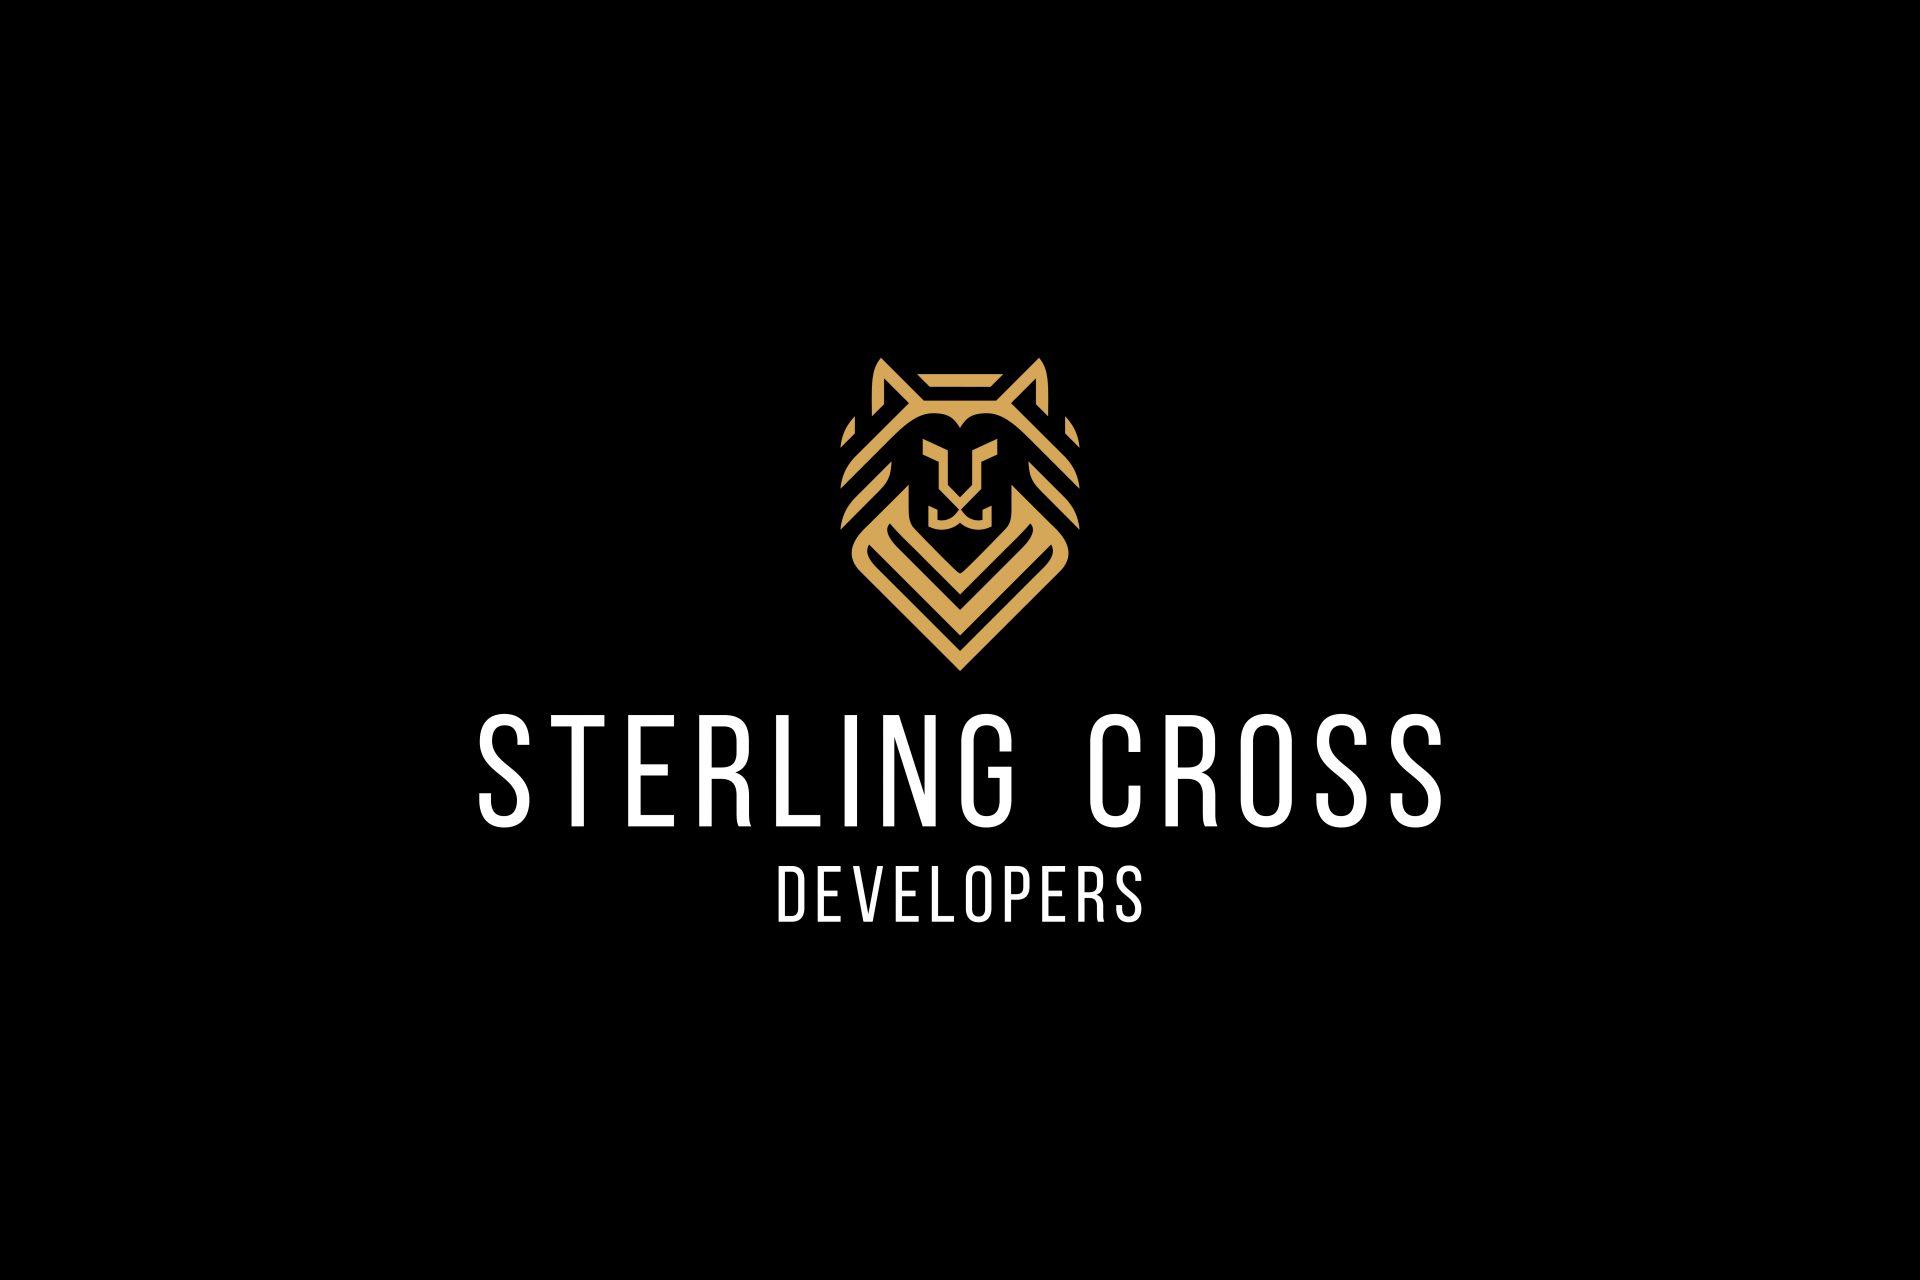 I will do modern minimalist business logo design in 24hr